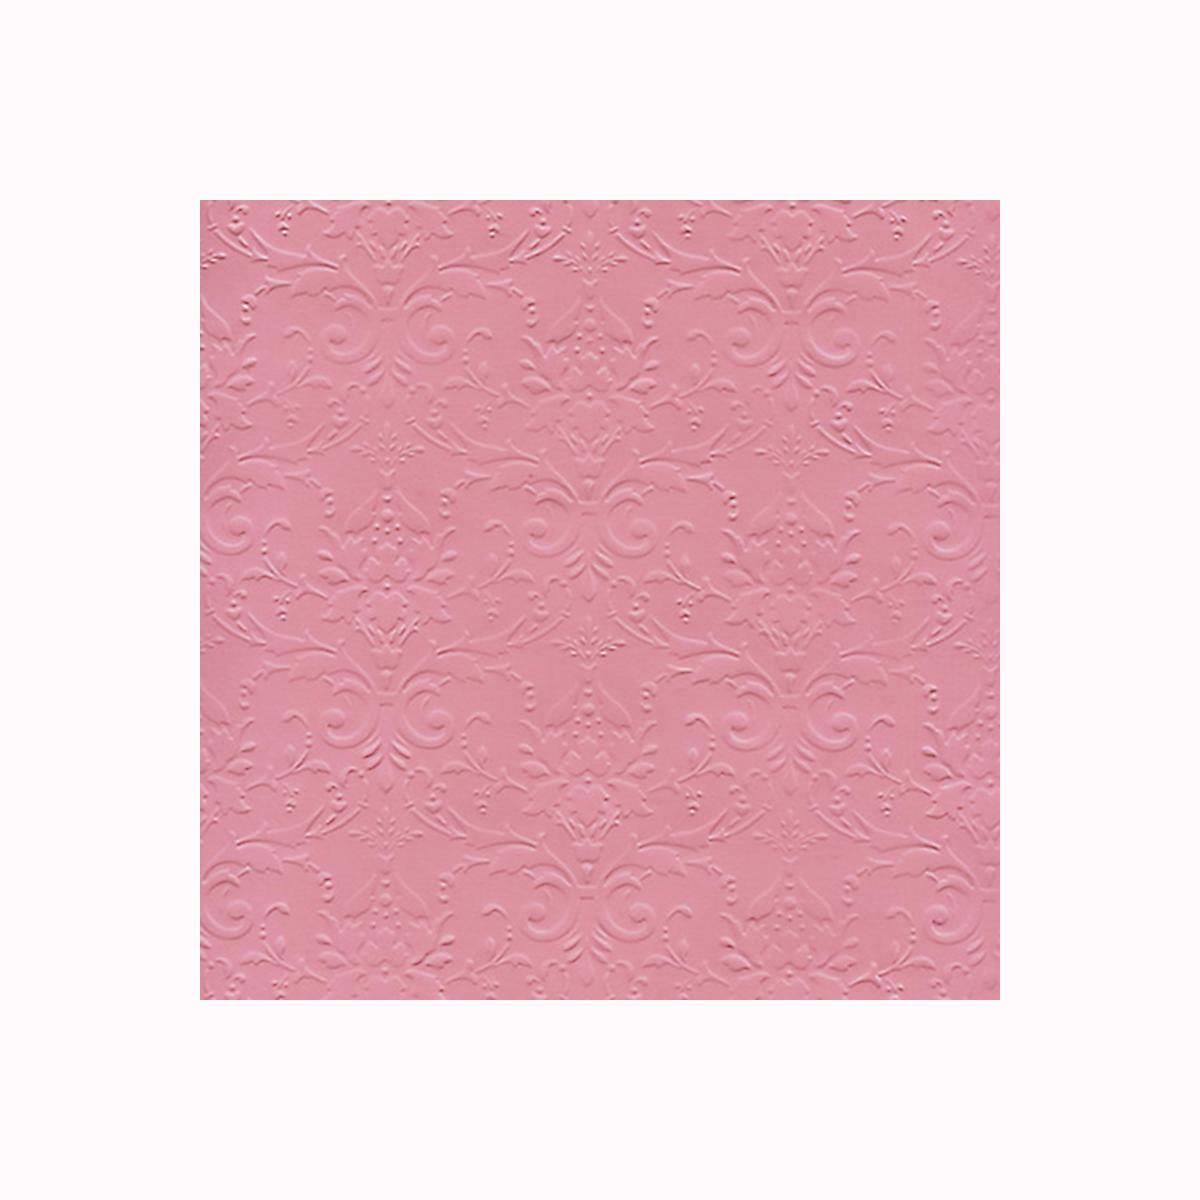 Бумага фактурная Лоза Дамасский узор, цвет: розовый, 3 листа582975_БР003-3 розовыйФактурная бумага для скрапбукинга Лоза Дамасский узор позволит создать красивый альбом, фоторамку или открытку ручной работы, оформить подарок или аппликацию. Набор включает в себя 3 листа из плотной бумаги. Скрапбукинг - это хобби, которое способно приносить массу приятных эмоций не только человеку, который этим занимается, но и его близким, друзьям, родным. Это невероятно увлекательное занятие, которое поможет вам сохранить наиболее памятные и яркие моменты вашей жизни, а также интересно оформить интерьер дома.Плотность бумаги: 200 г/м2.